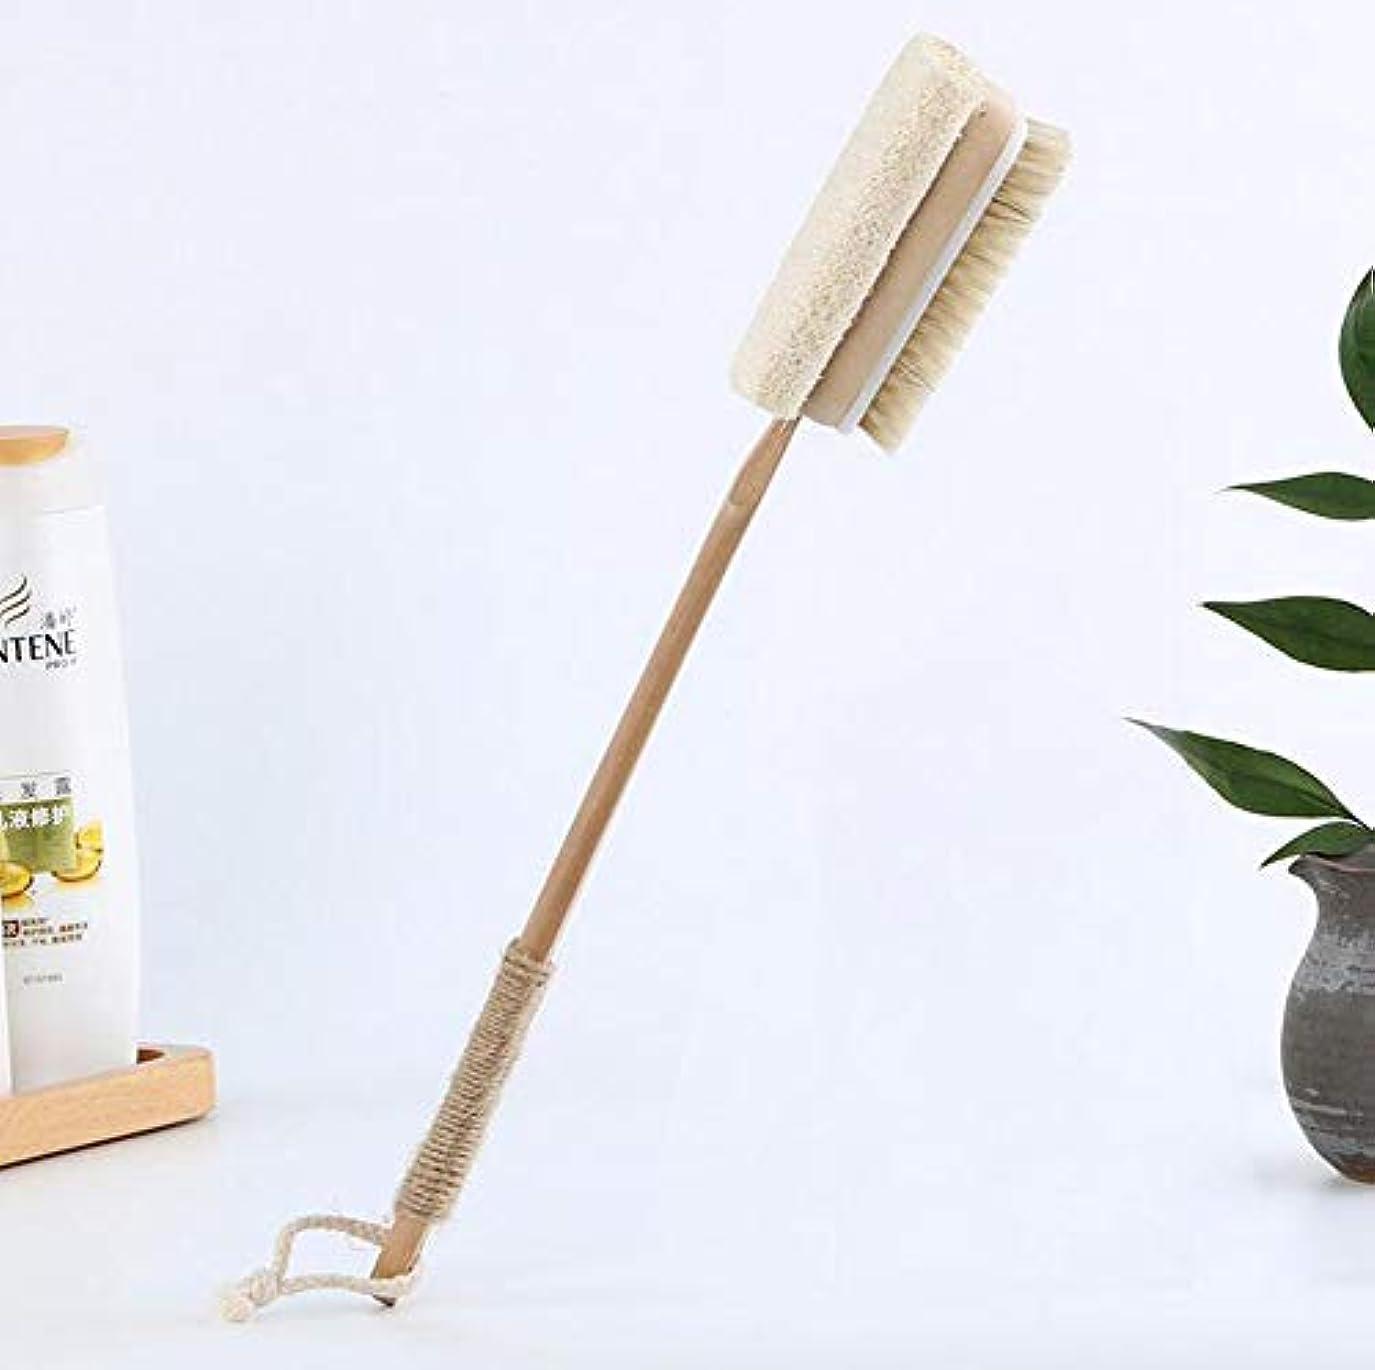 病弱振る舞い糞バスブラシ、長い木製ハンドルドライブラシボディブラシバスブラシ長いハンドル、皮膚やセルライトを剥離するため、ウェットまたはドライ使用